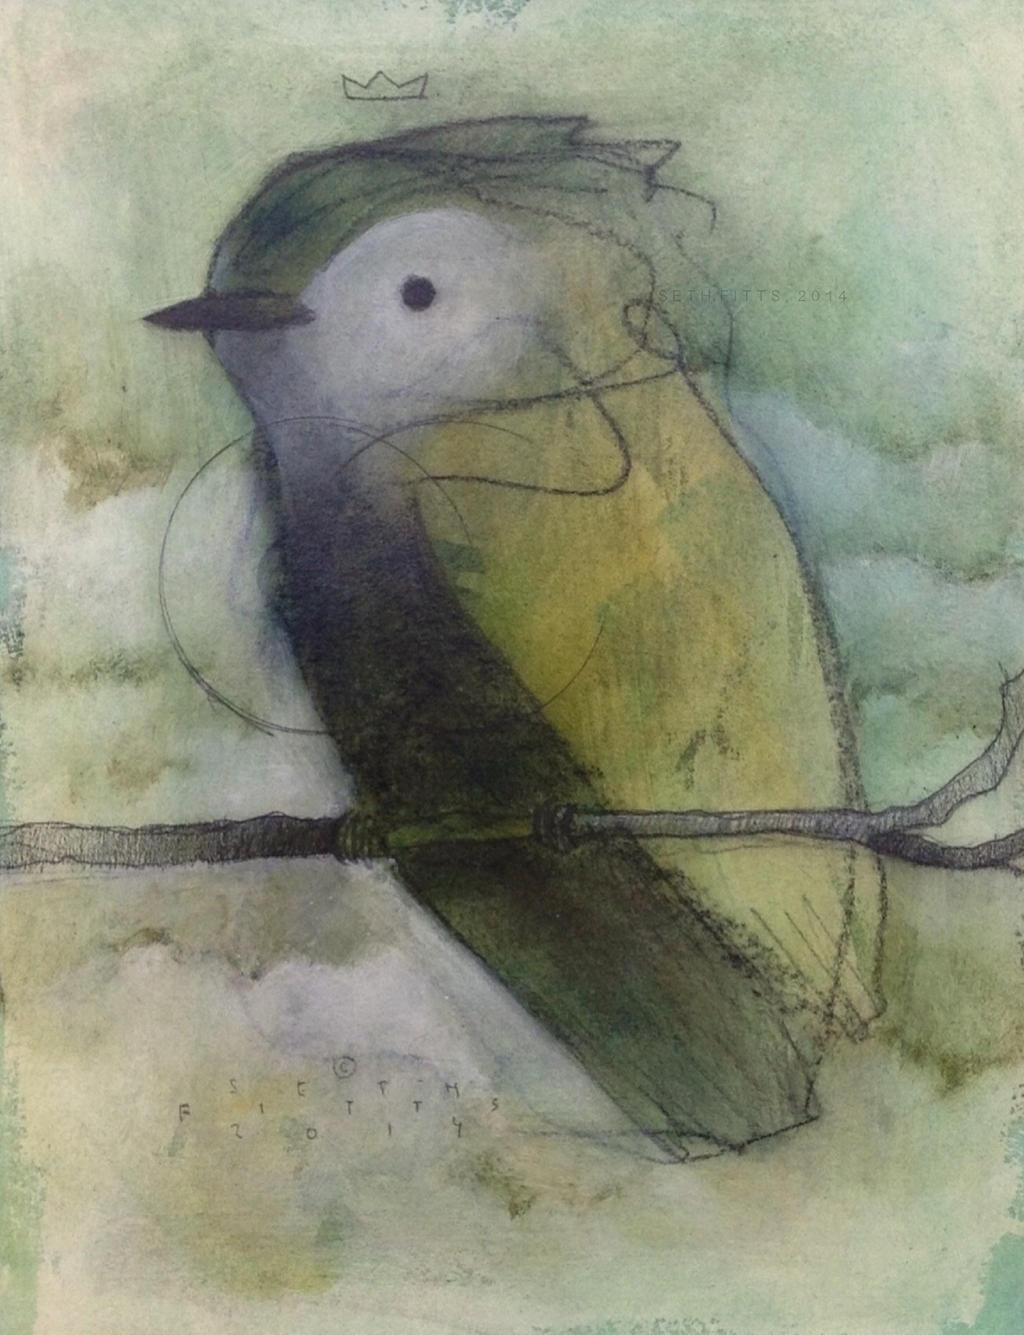 Tufted Bird, Green by SethFitts